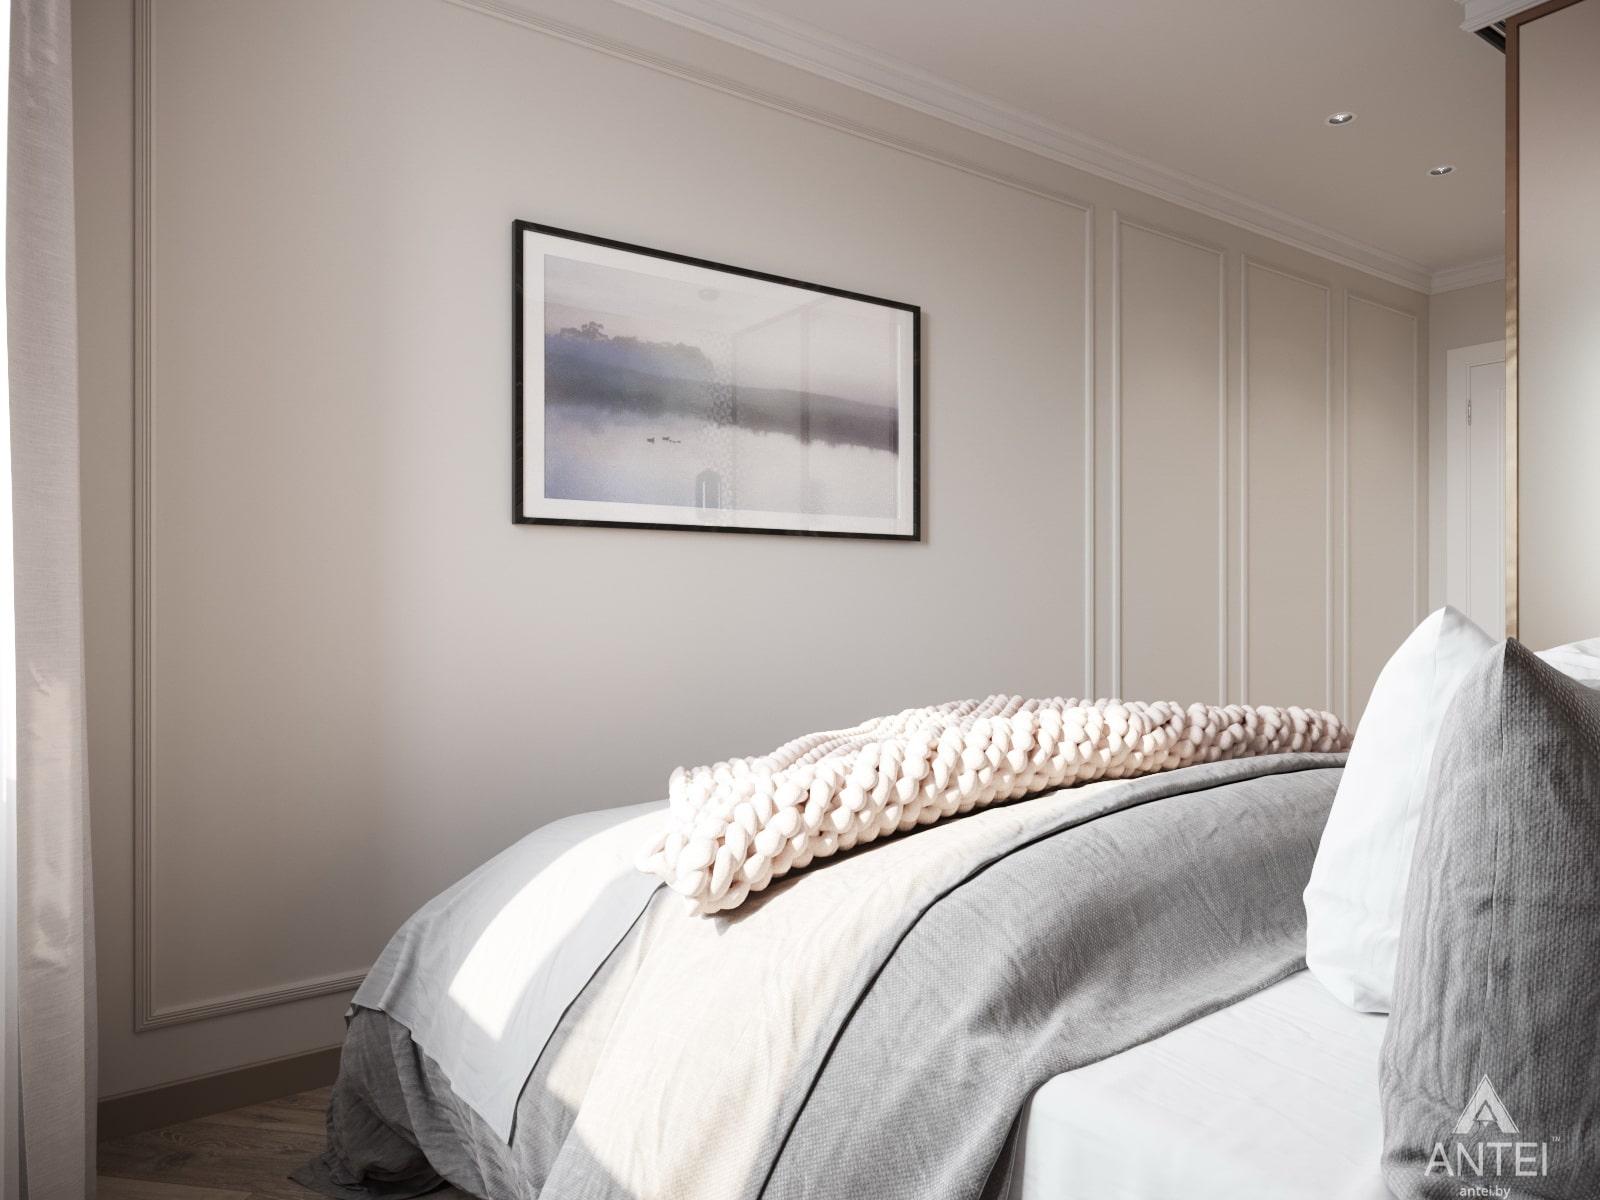 Дизайн интерьера трехкомнатной квартиры в Гомеле, ул. Бородина Т.С. - спальня фото №3